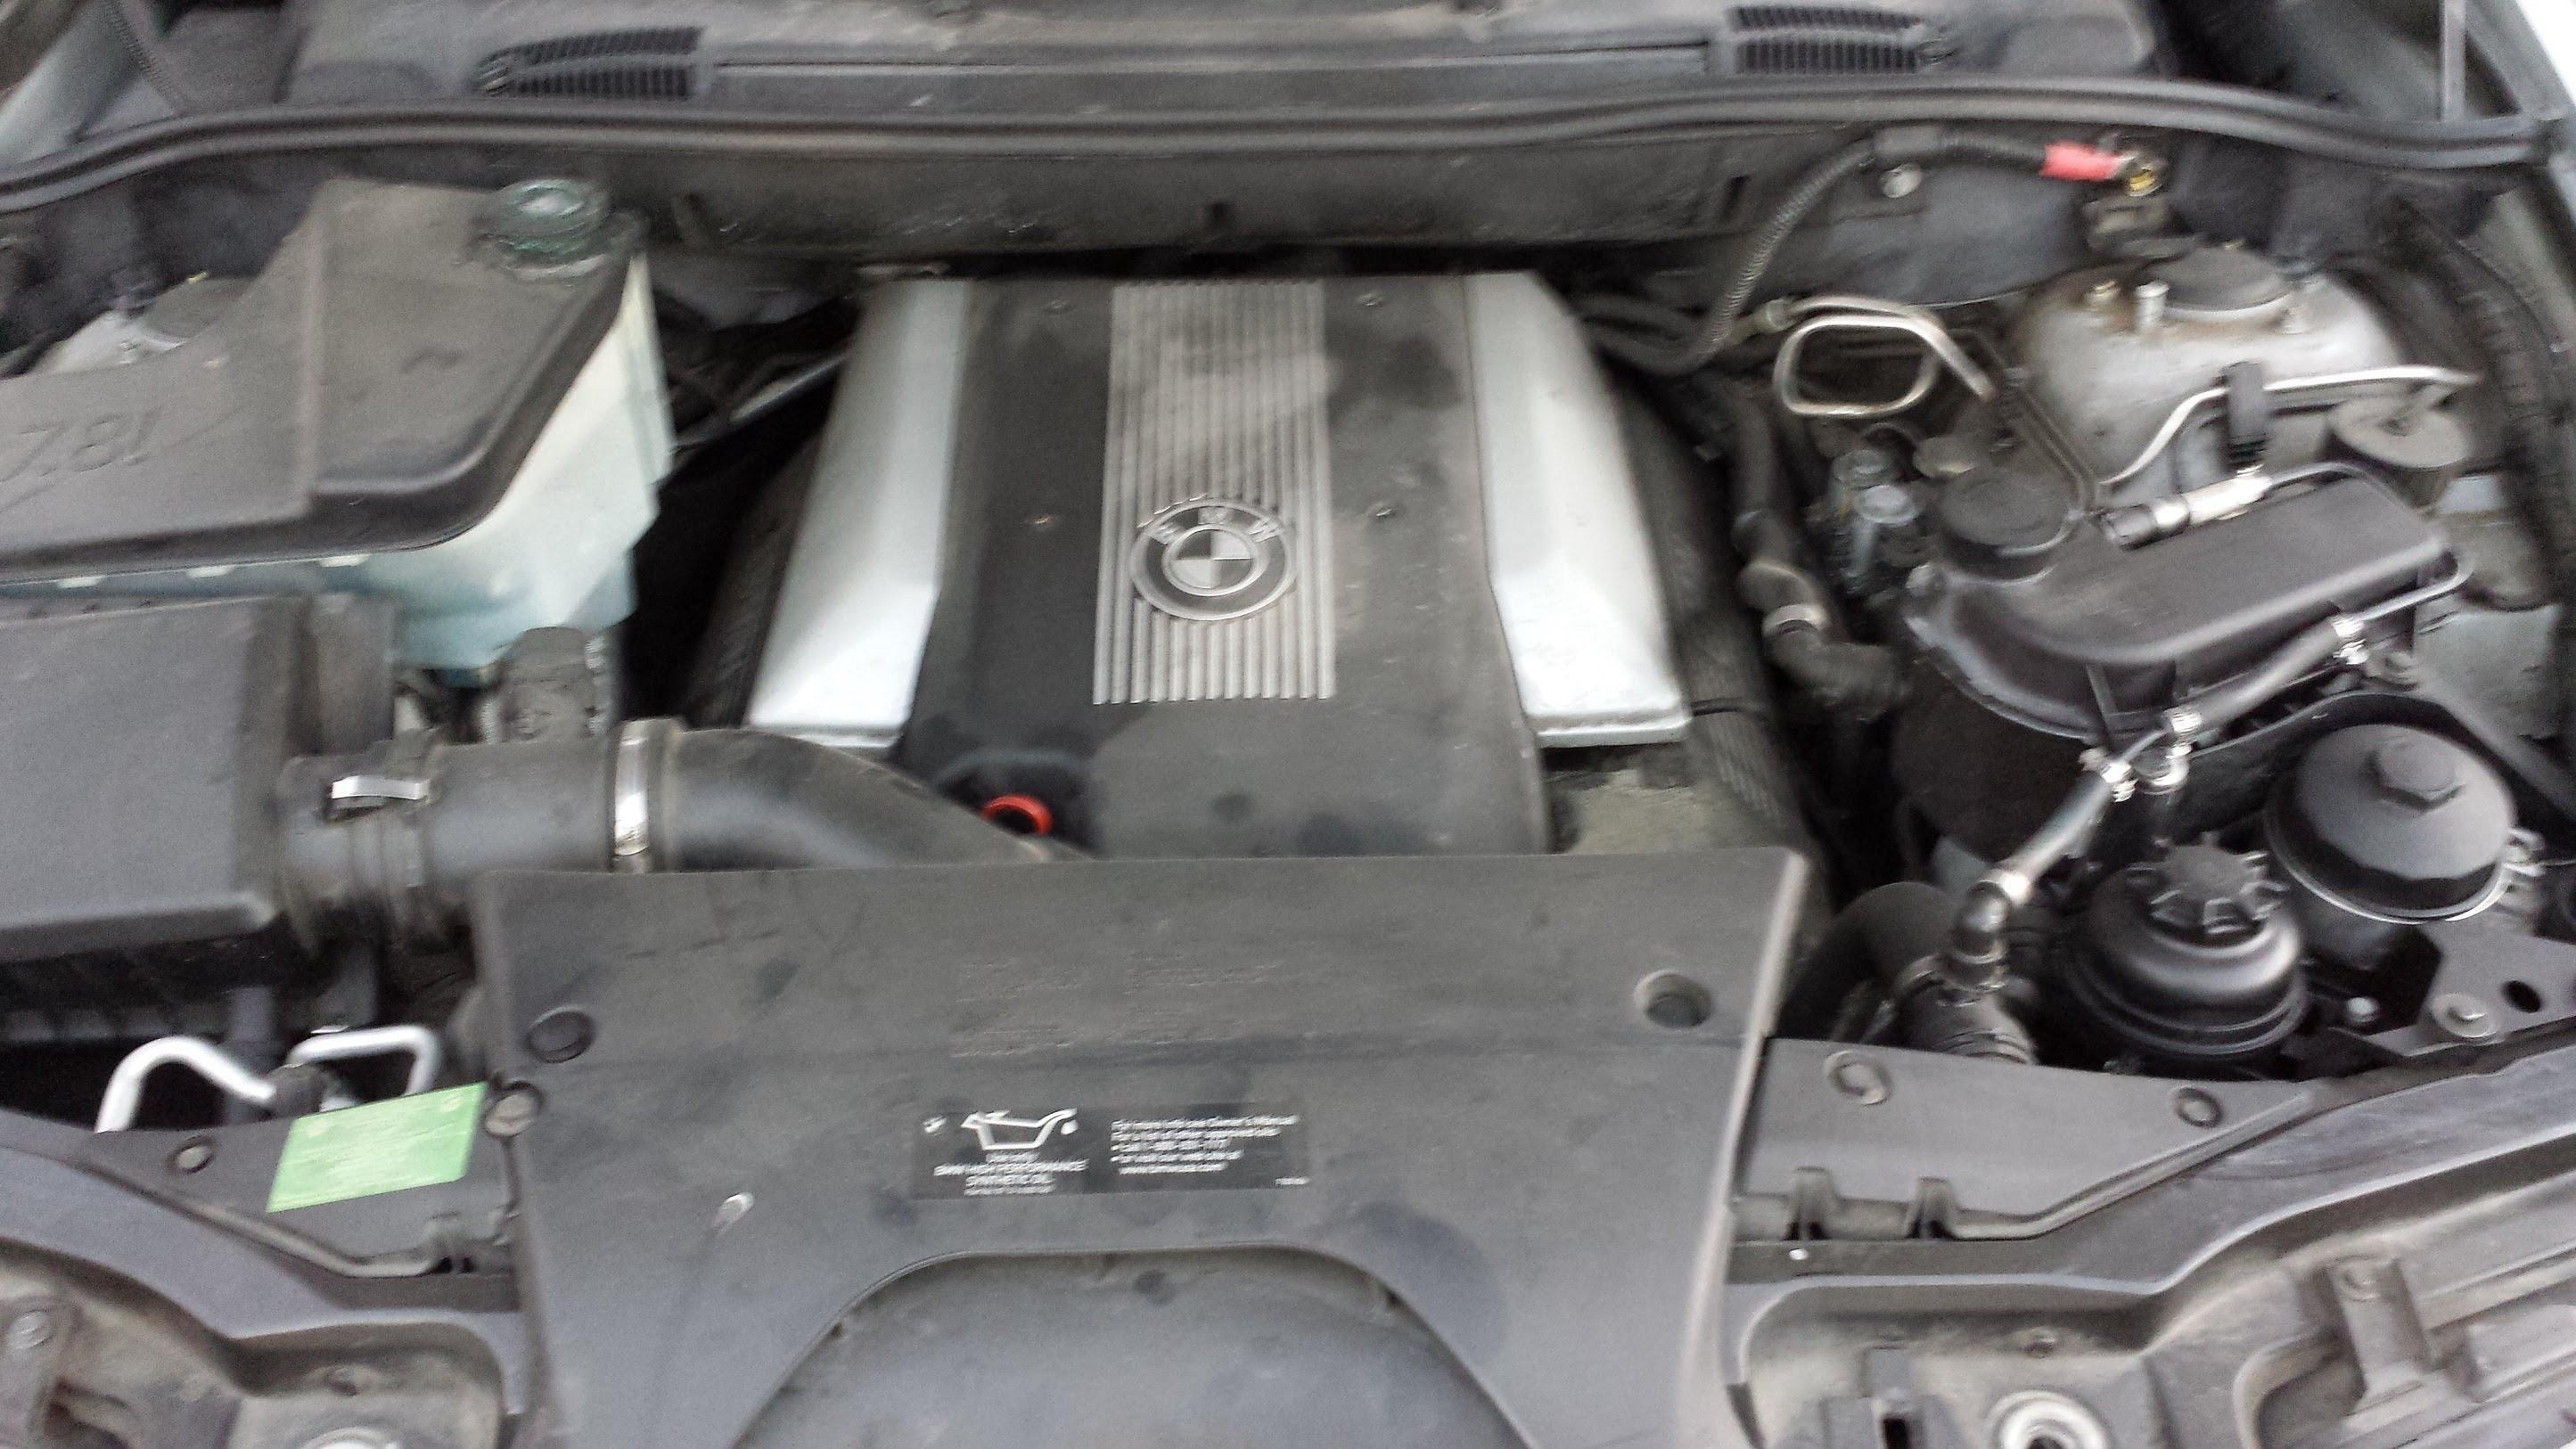 Bmw 1 Series Engine Diagram Bmw E53 X5 4 4 Vanos Engine Diagram Of Bmw 1